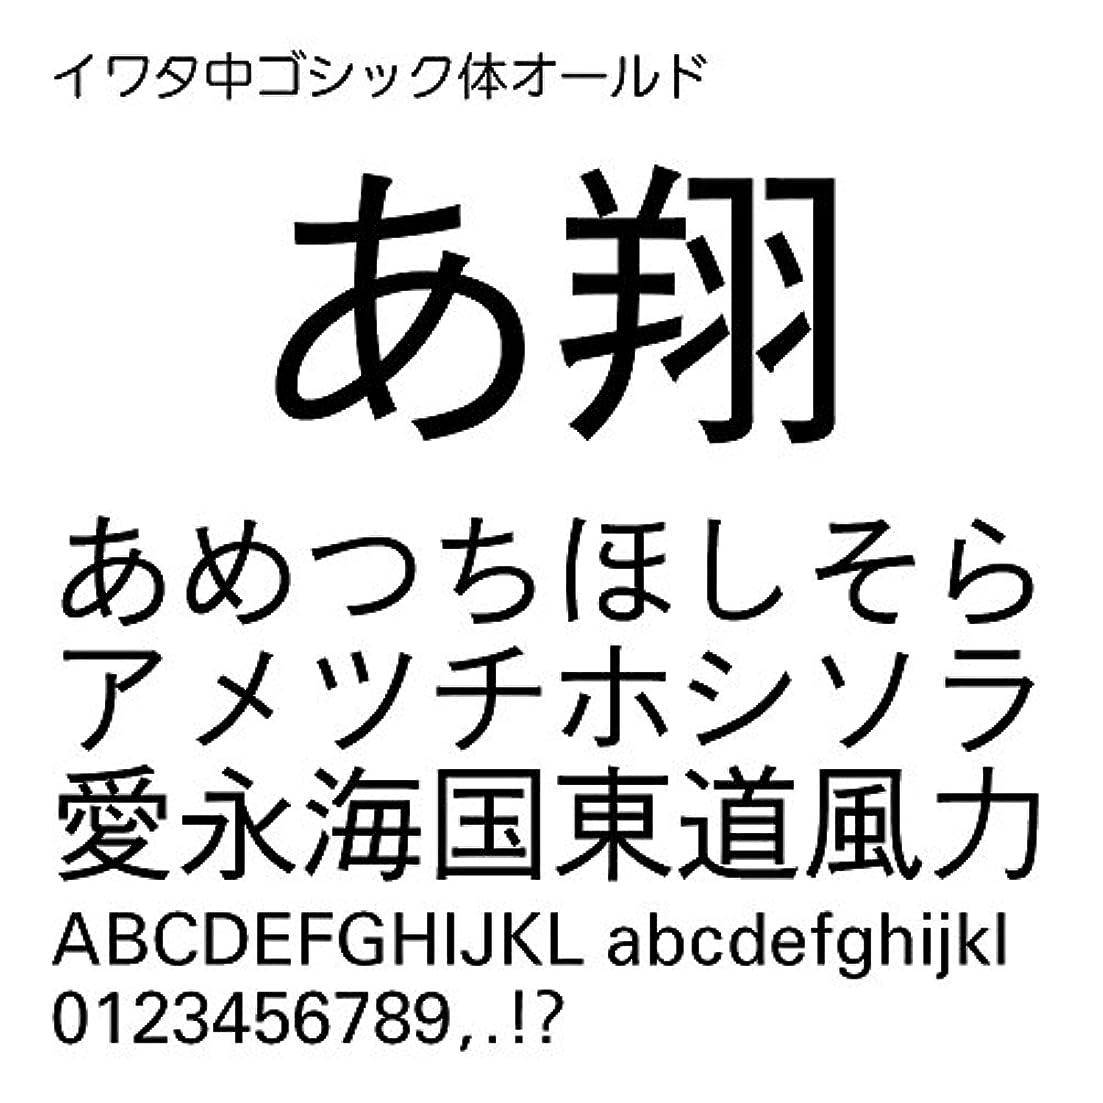 真剣にセグメント予防接種イワタ中ゴシック体オールドPro OpenType Font for Windows [ダウンロード]